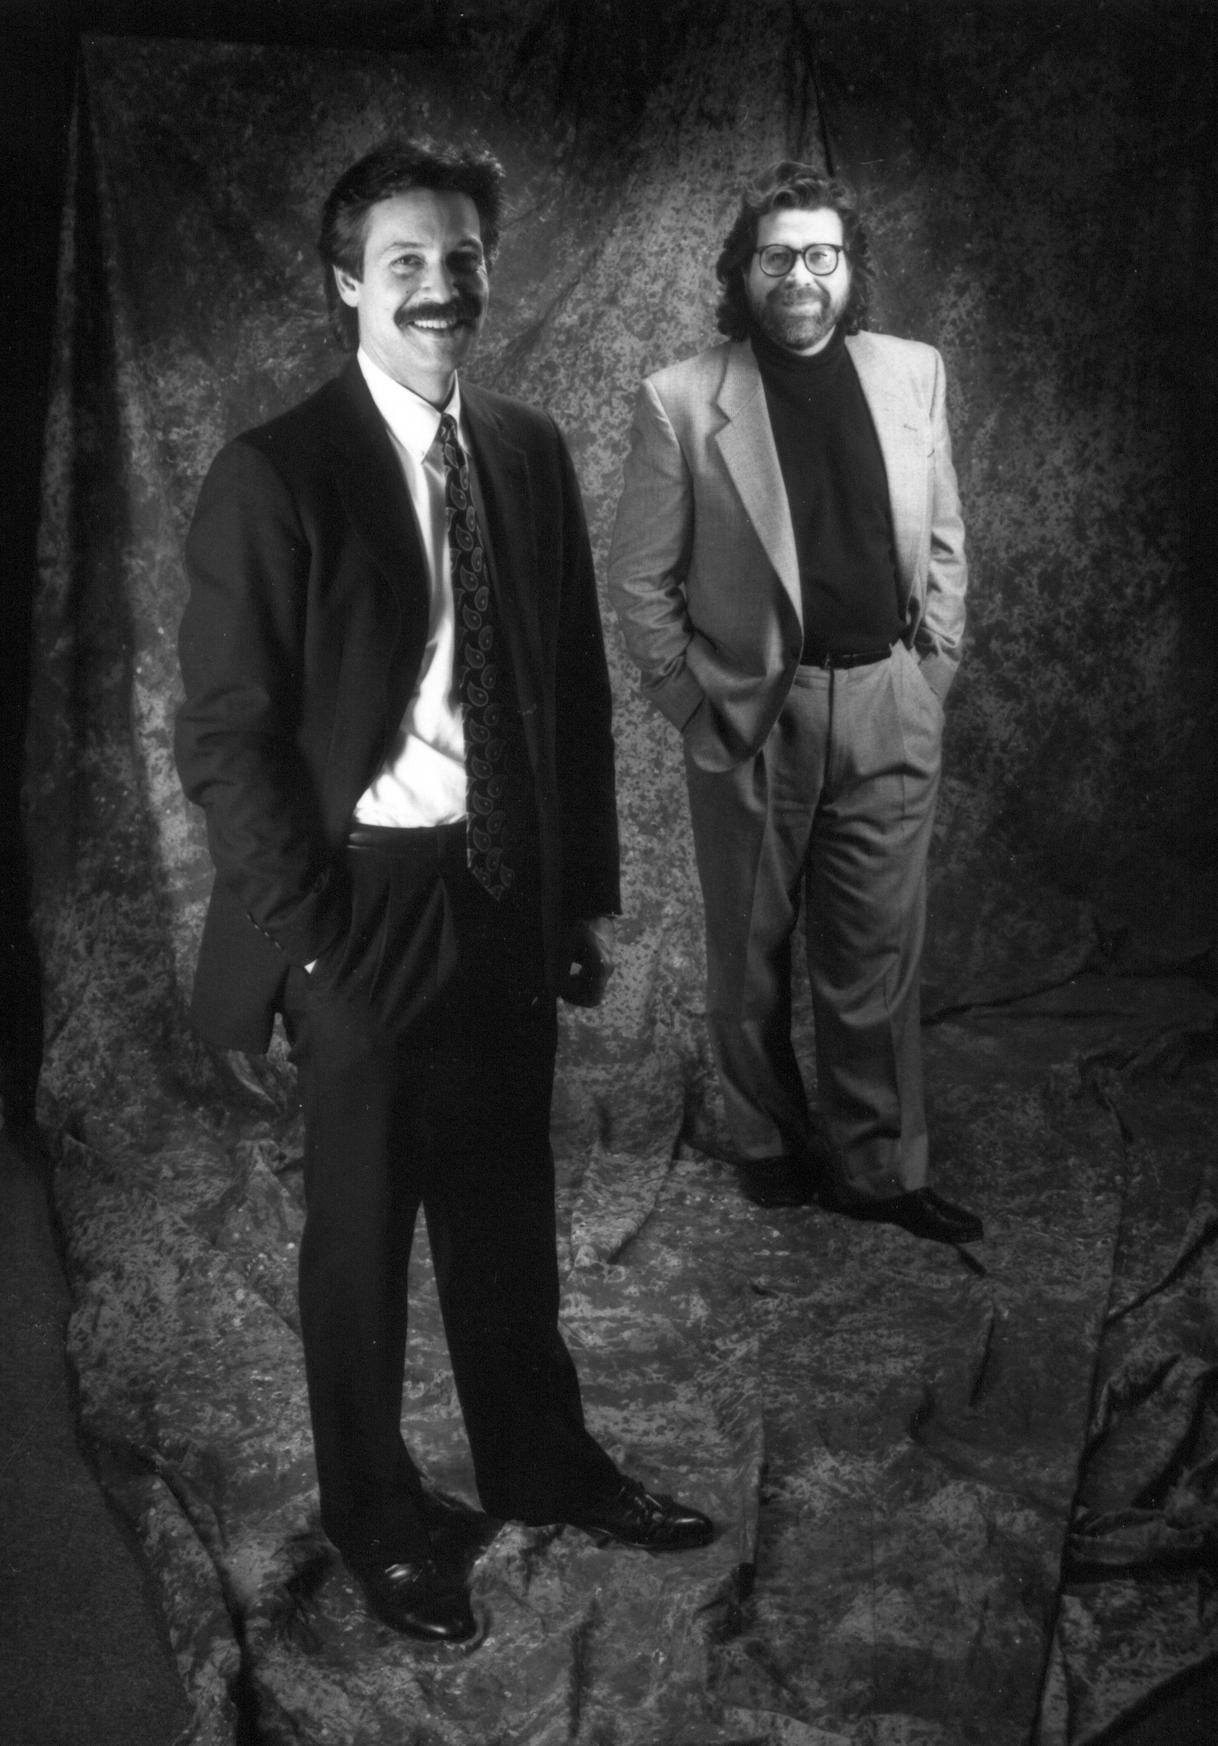 Joe & Kirby